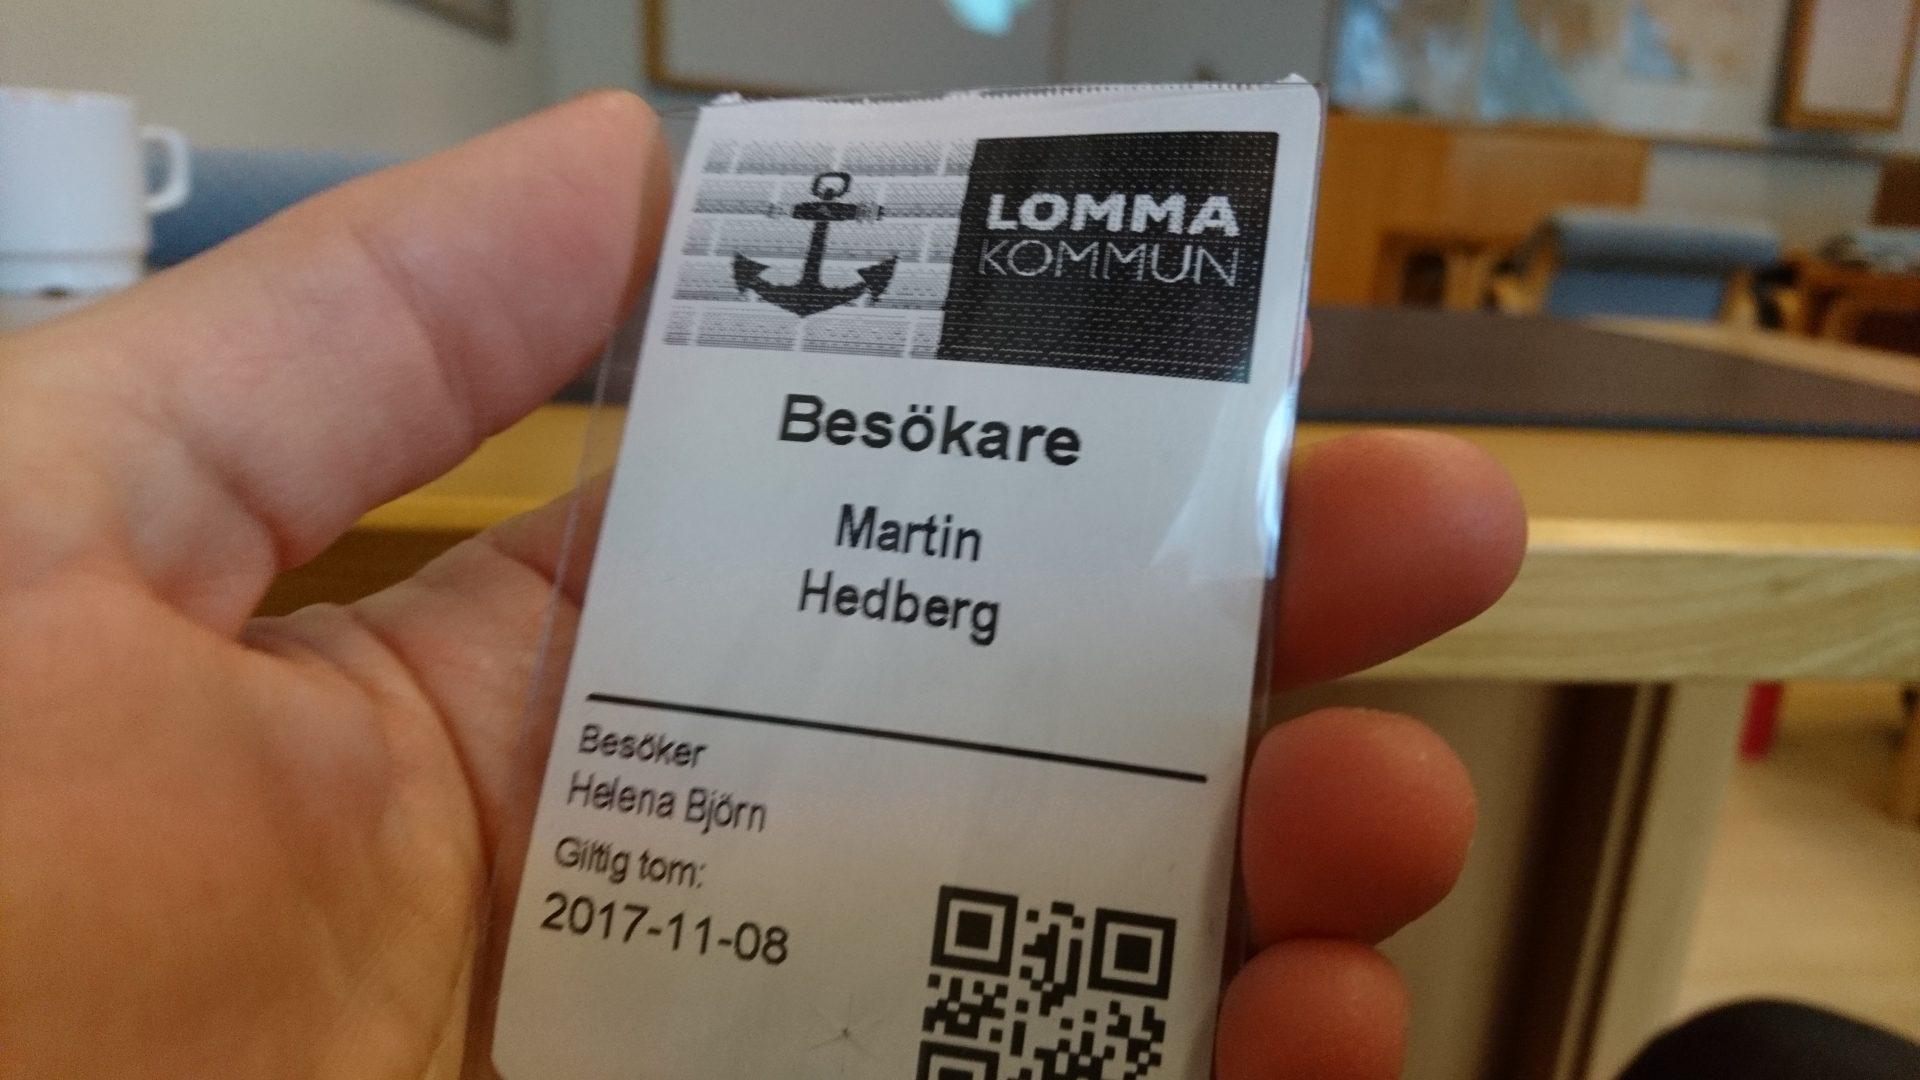 Föreläste för Lomma kommun